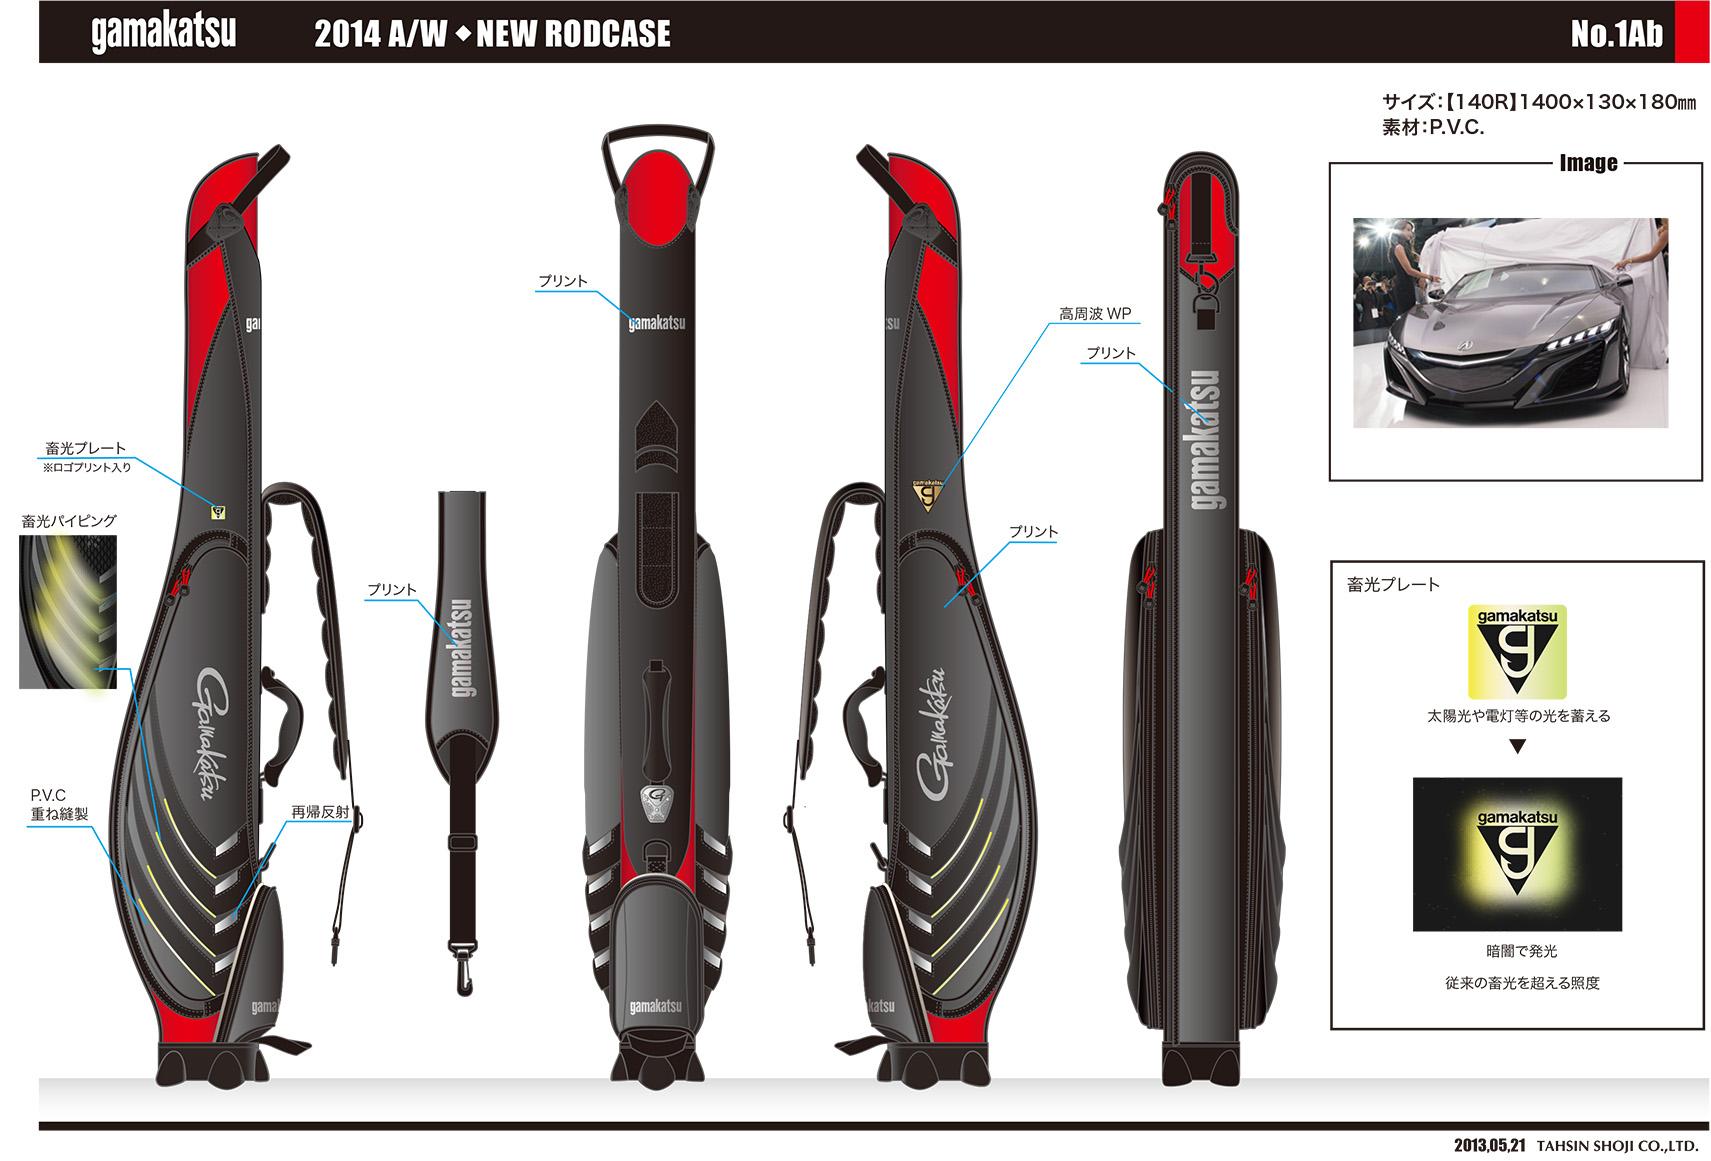 gamakatsu New Design 0001Ab のコピー